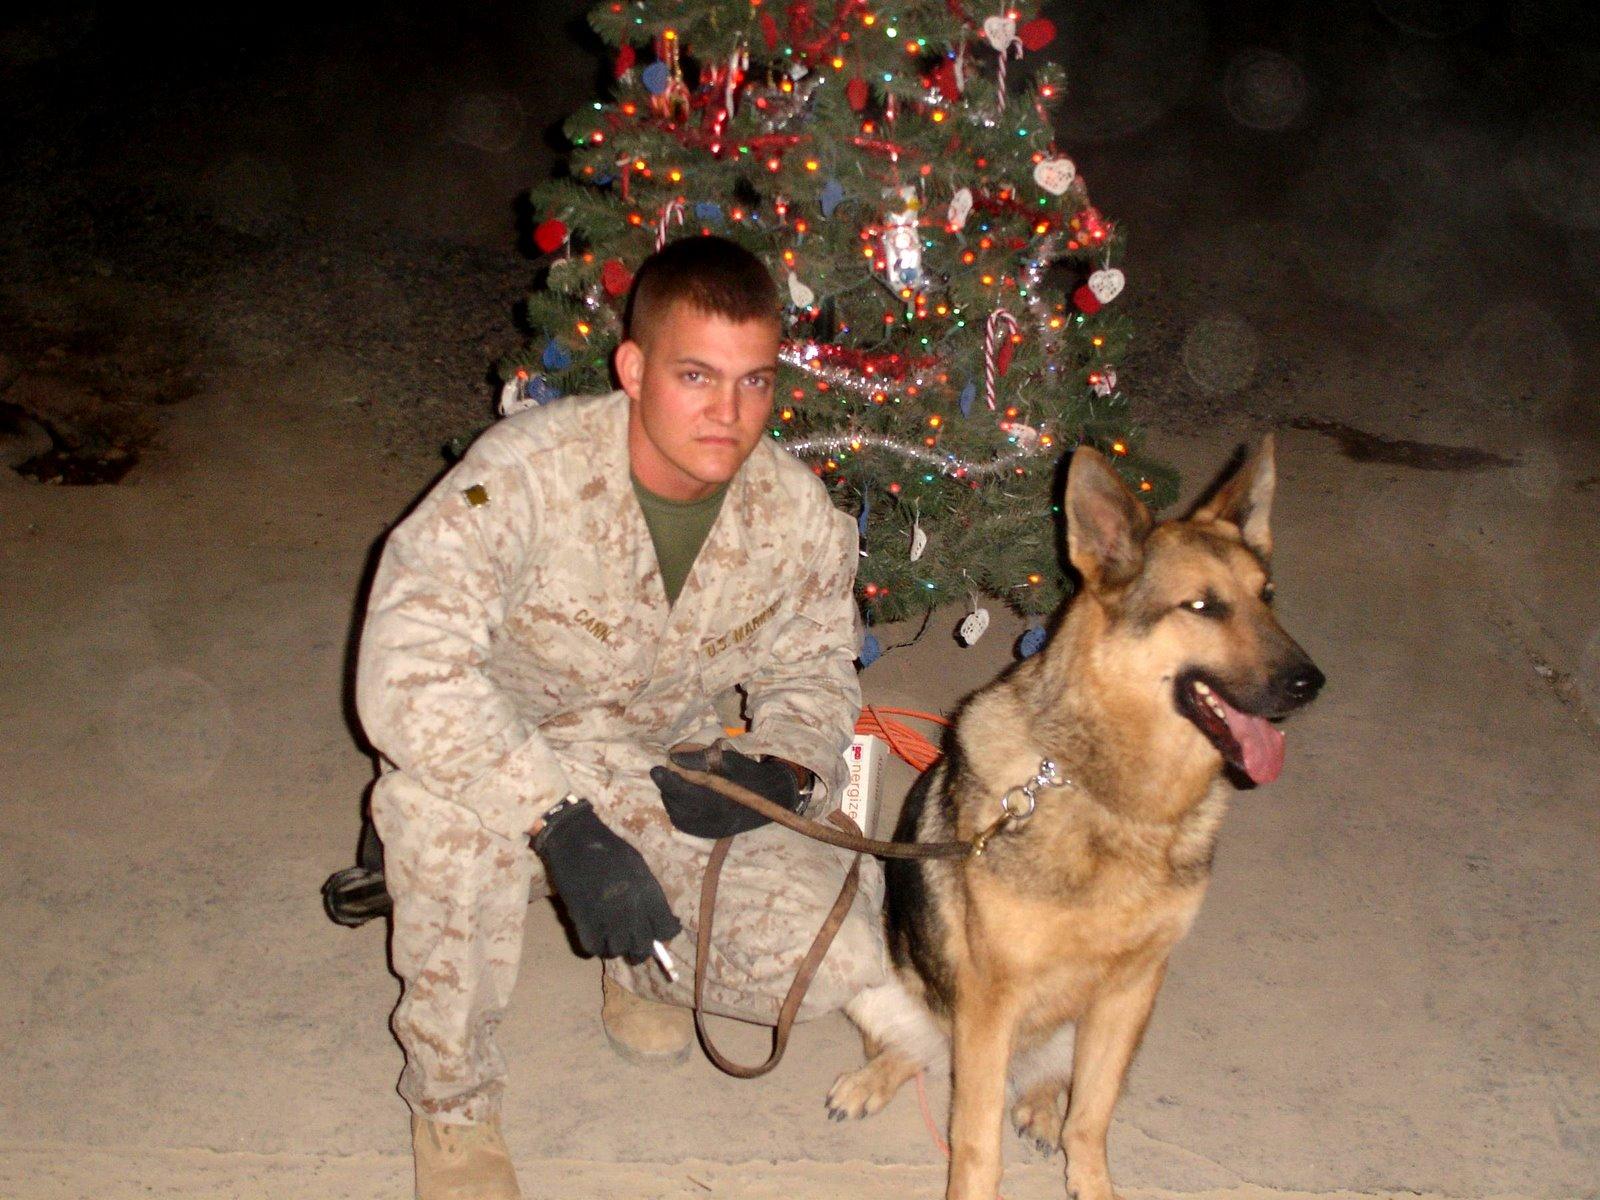 Sgt. Adam Cann & MWD Bruno